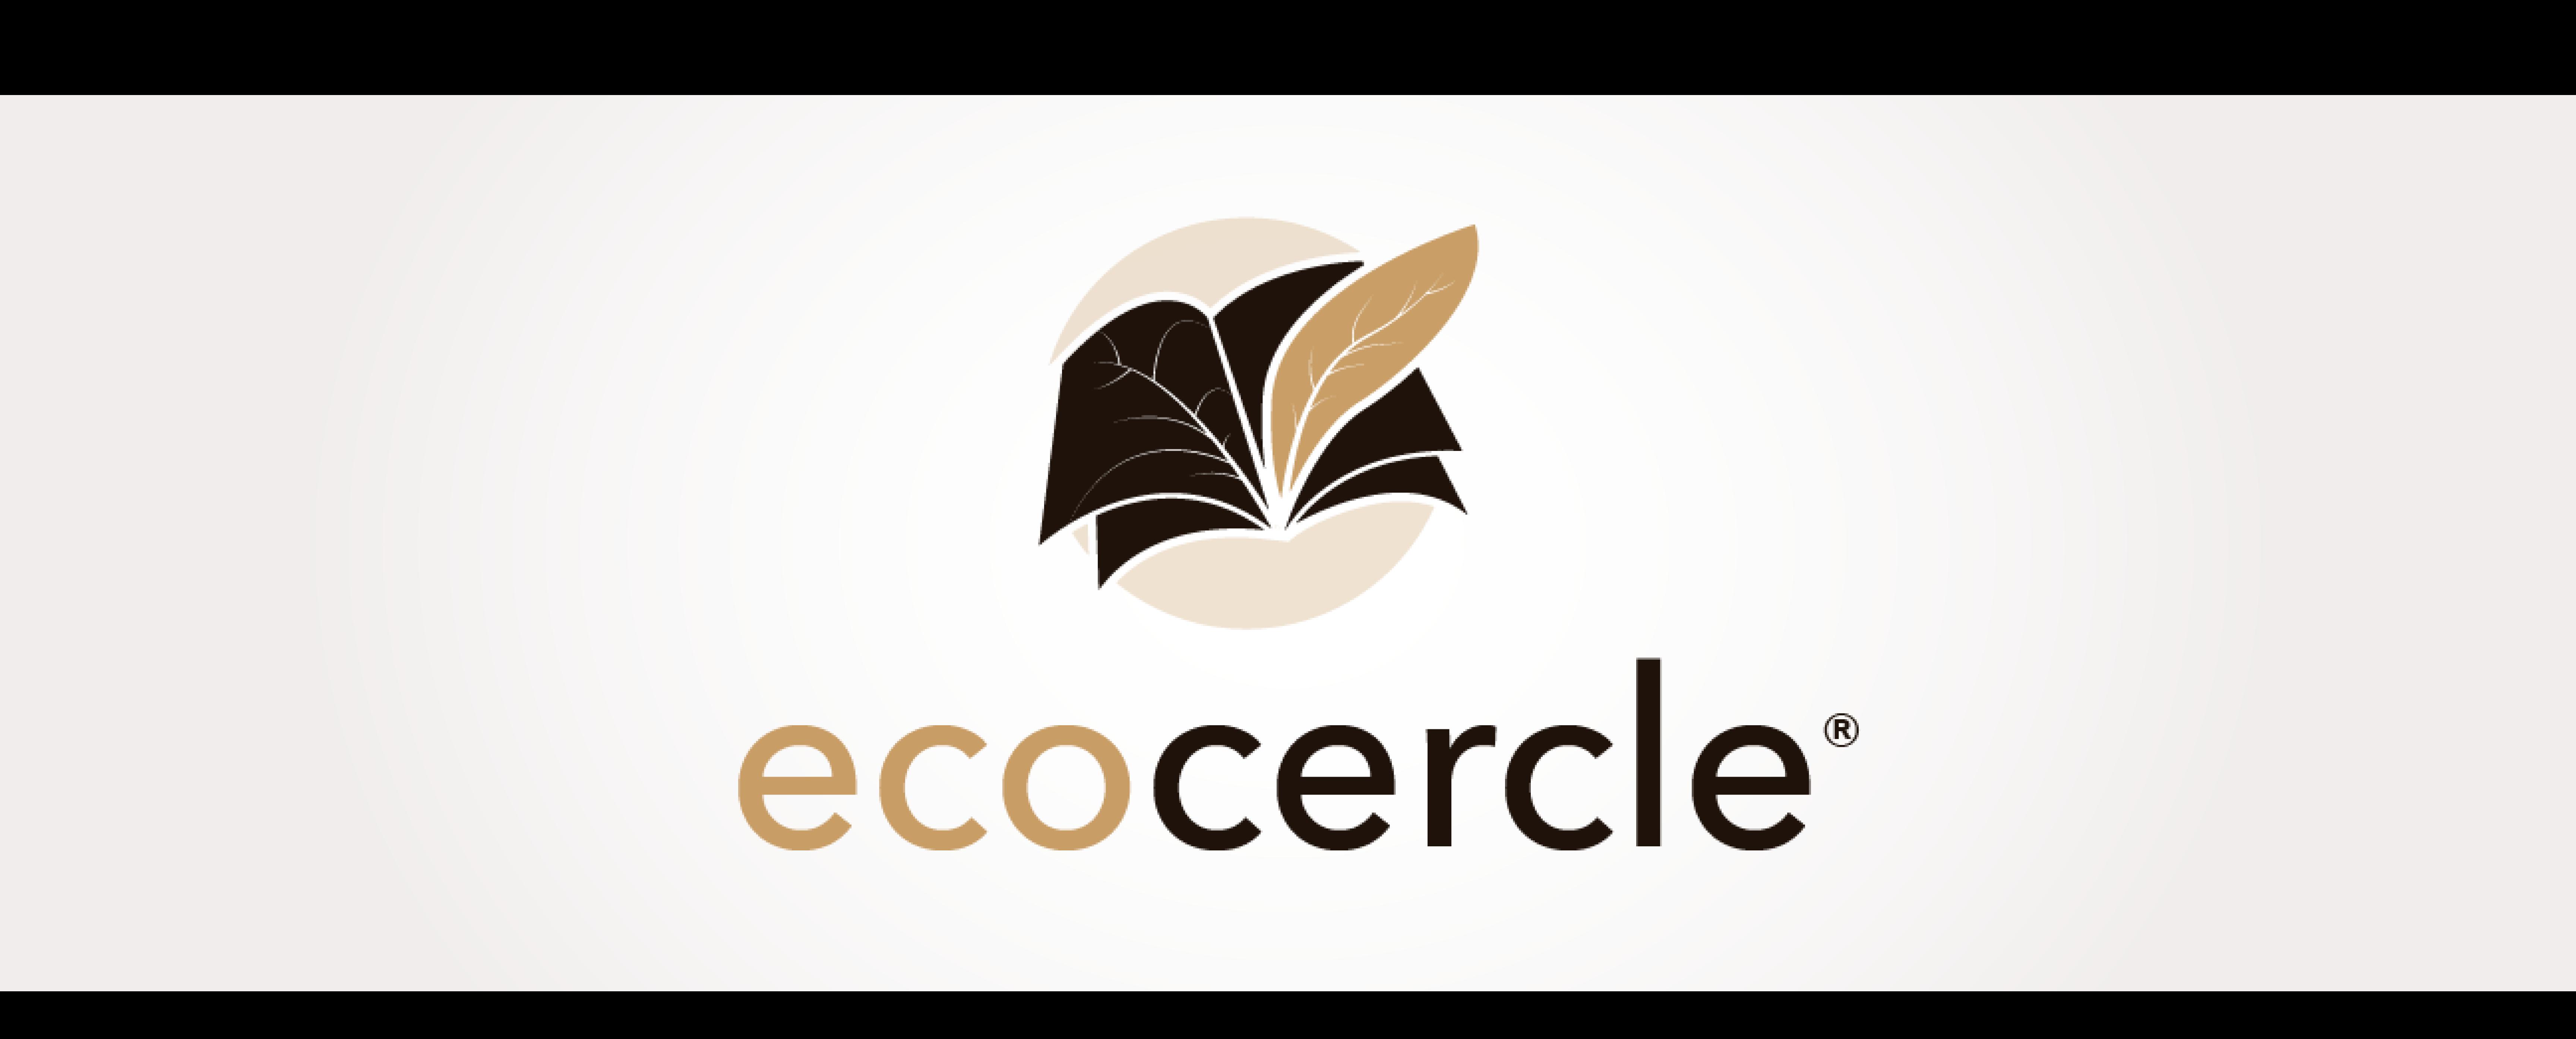 archicercle ecocercle baner logo web